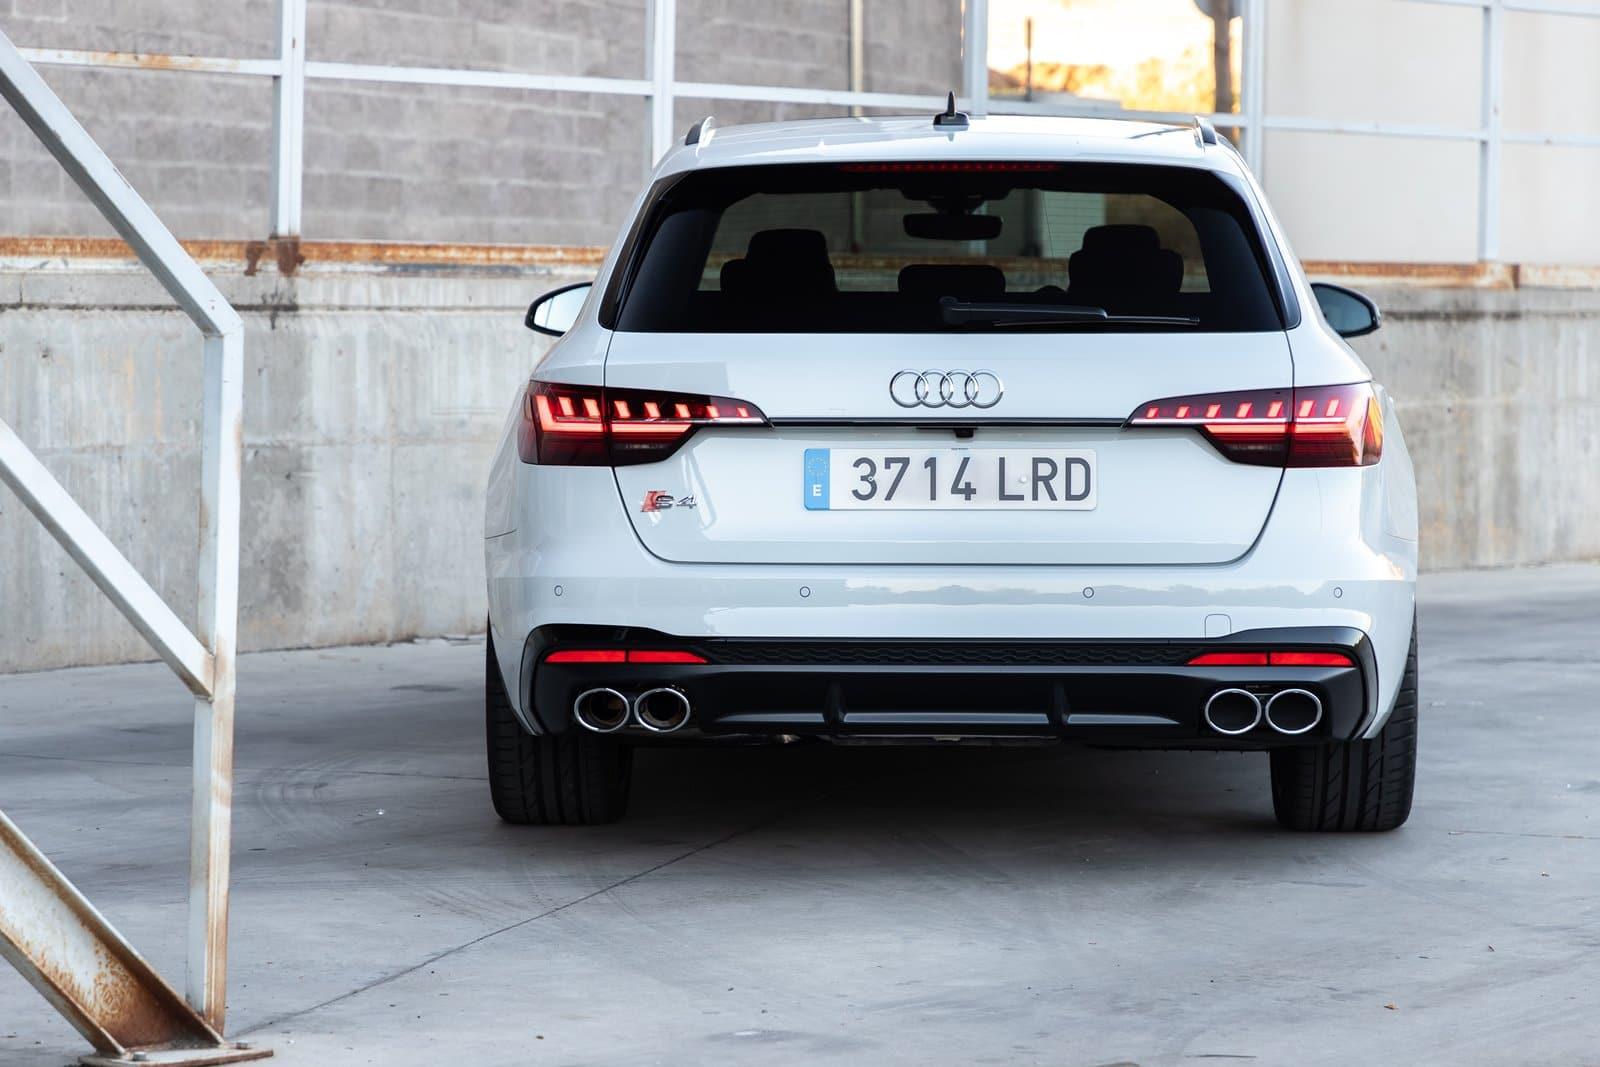 Zaga Audi S4 Avant